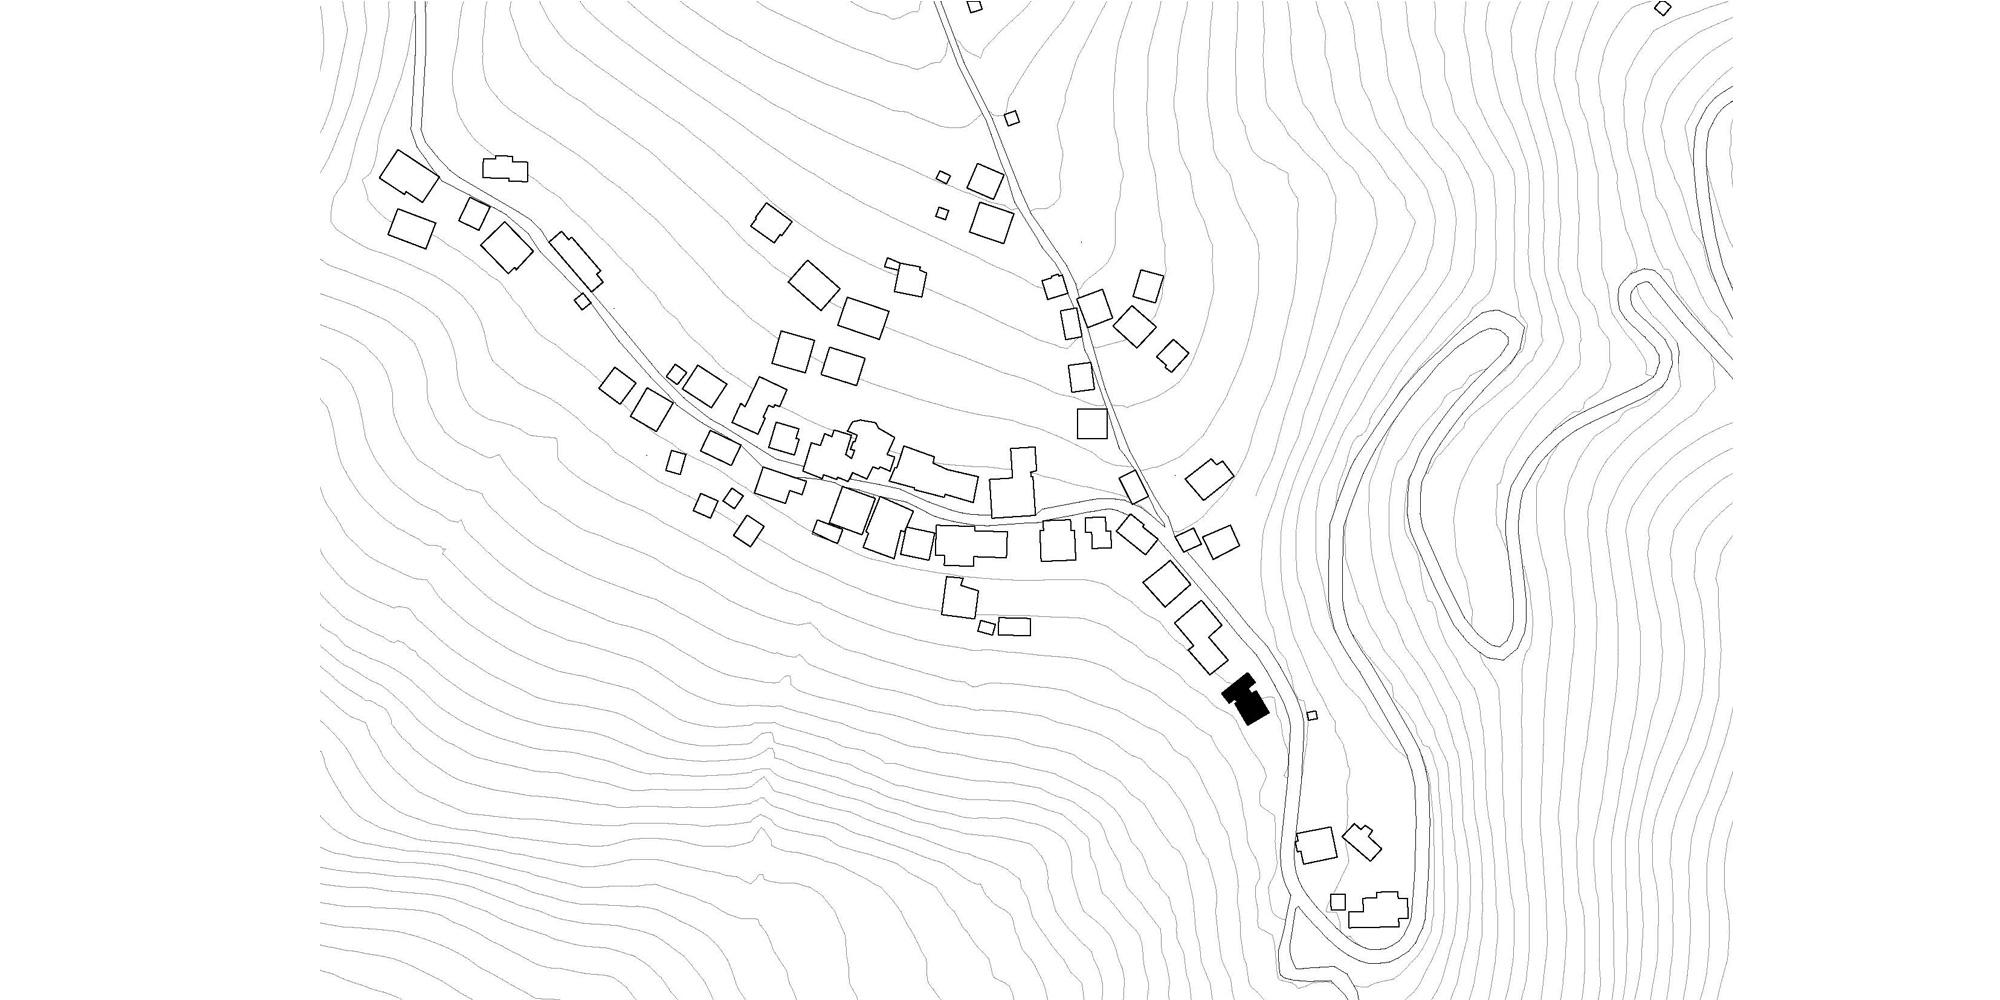 Site Plan © Clinicaurbana